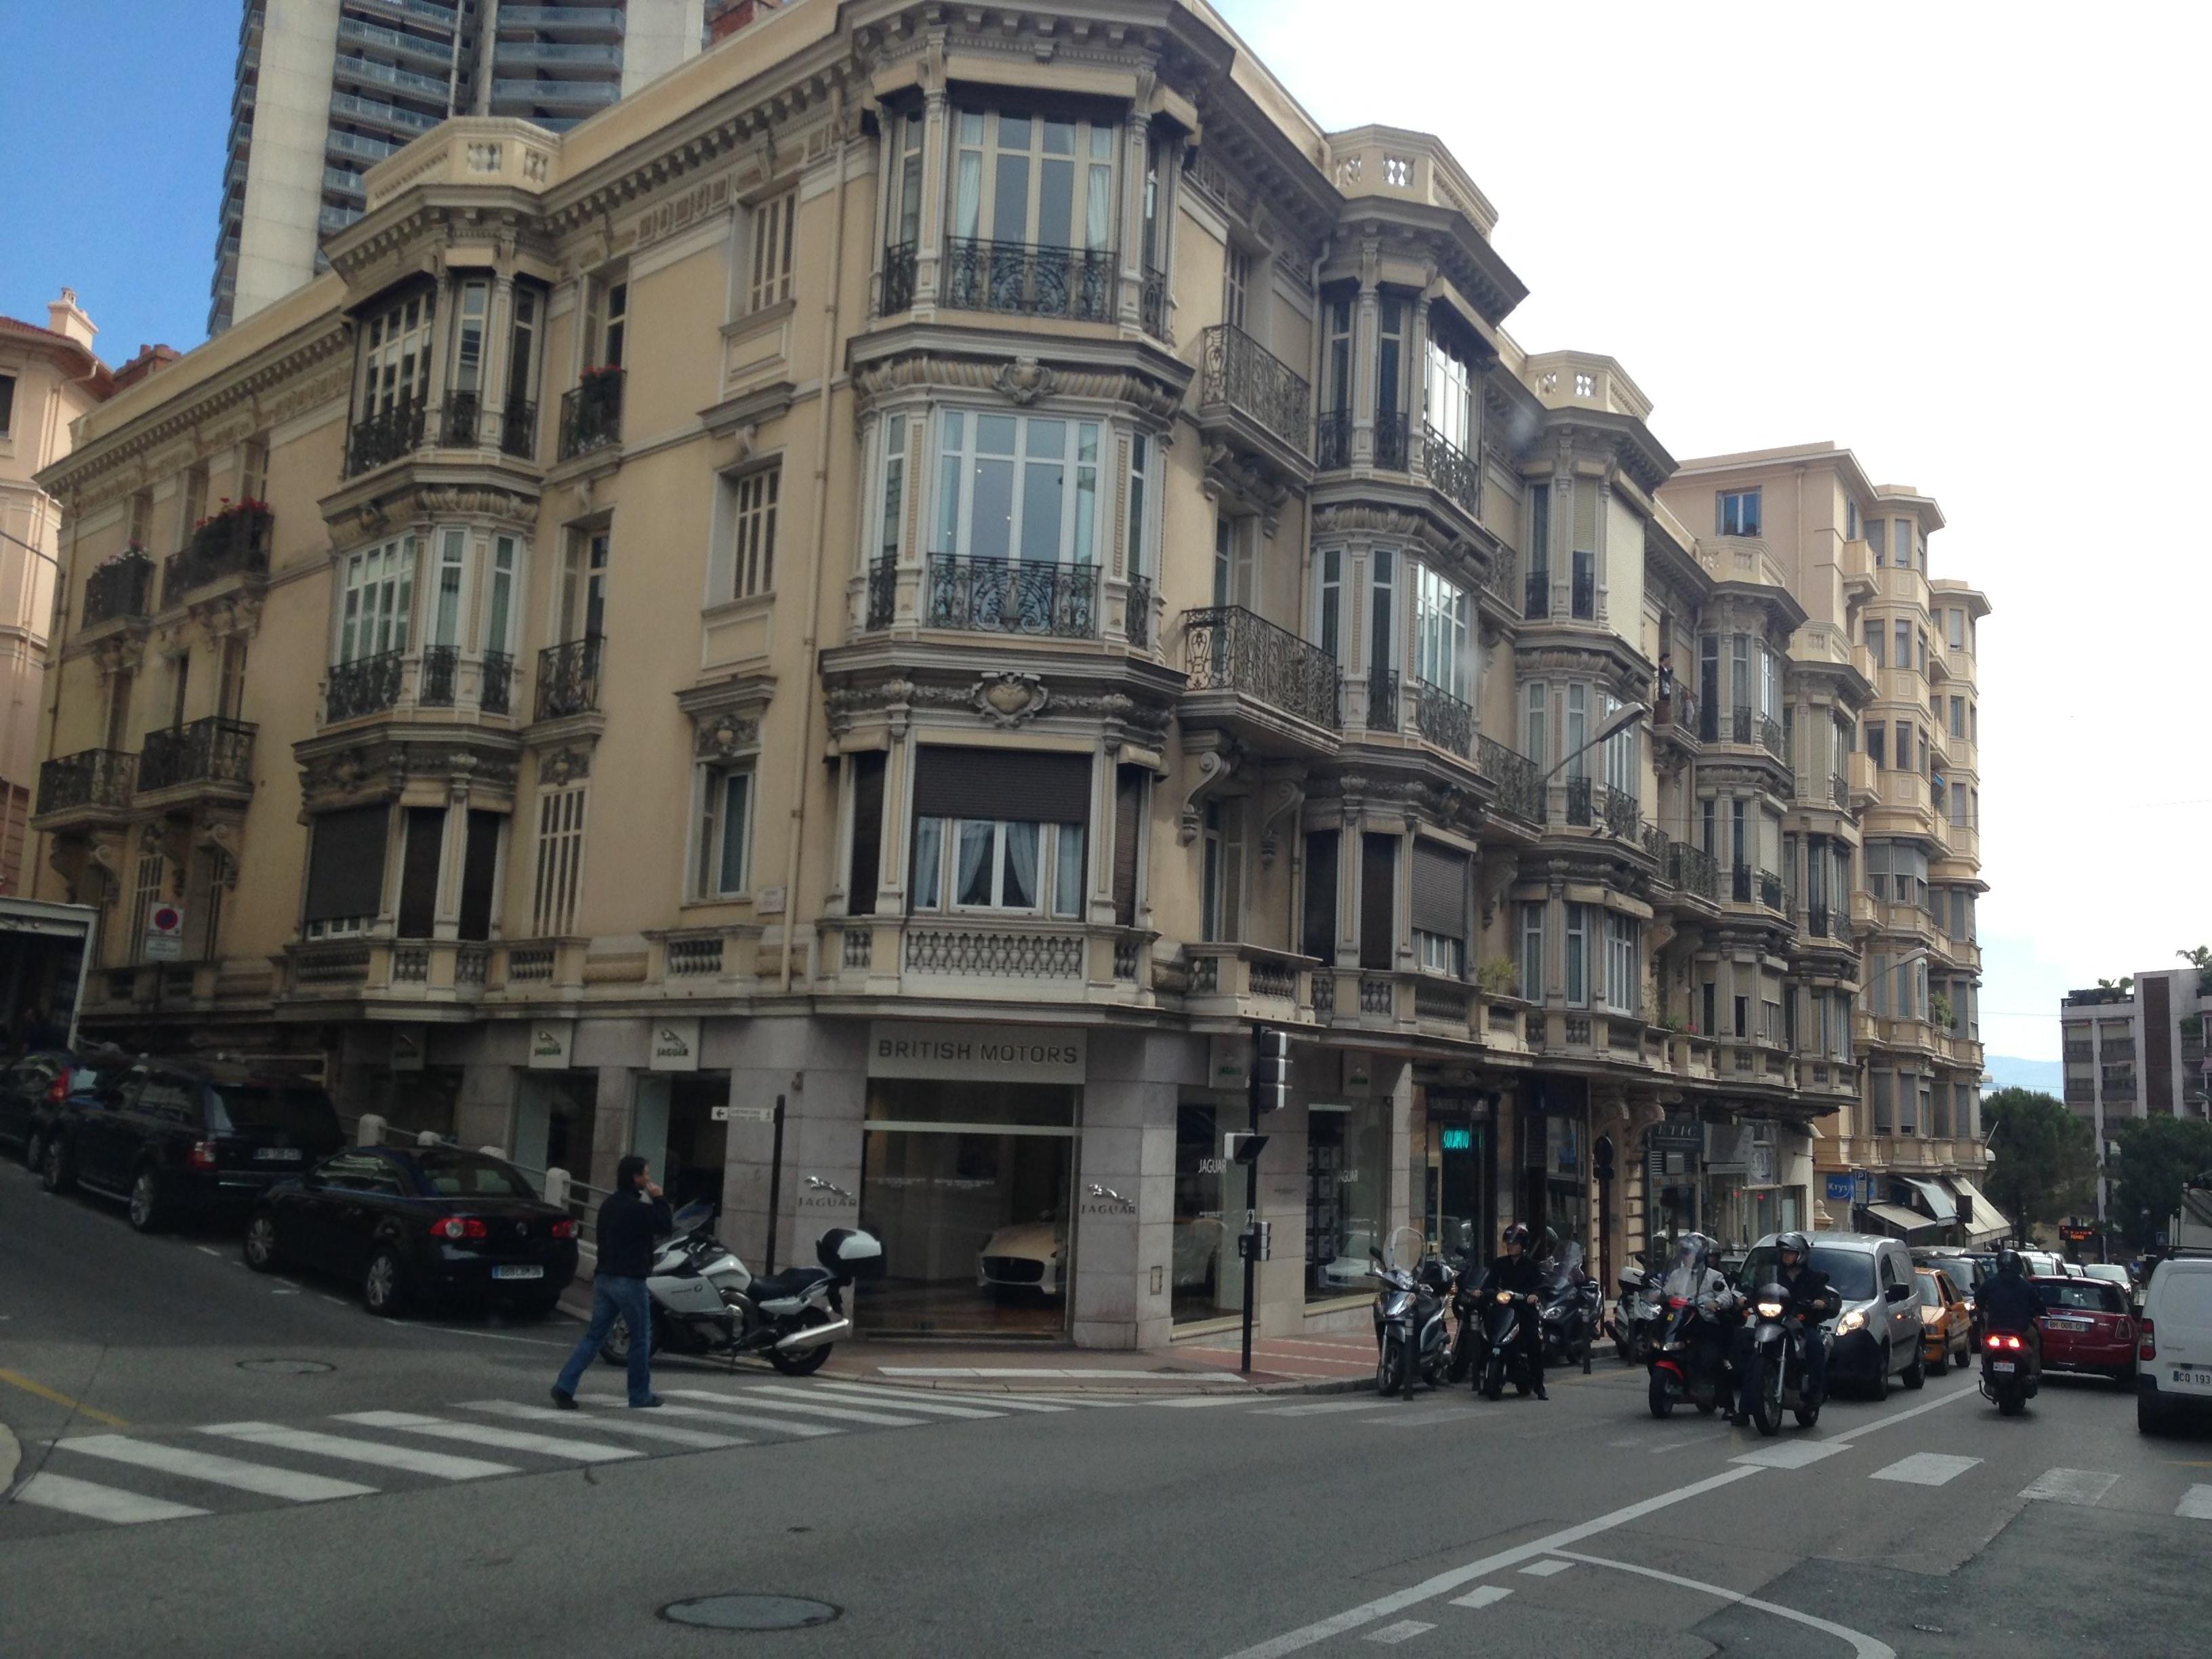 Solche Autoläden gibt es wohl nur in Monaco.